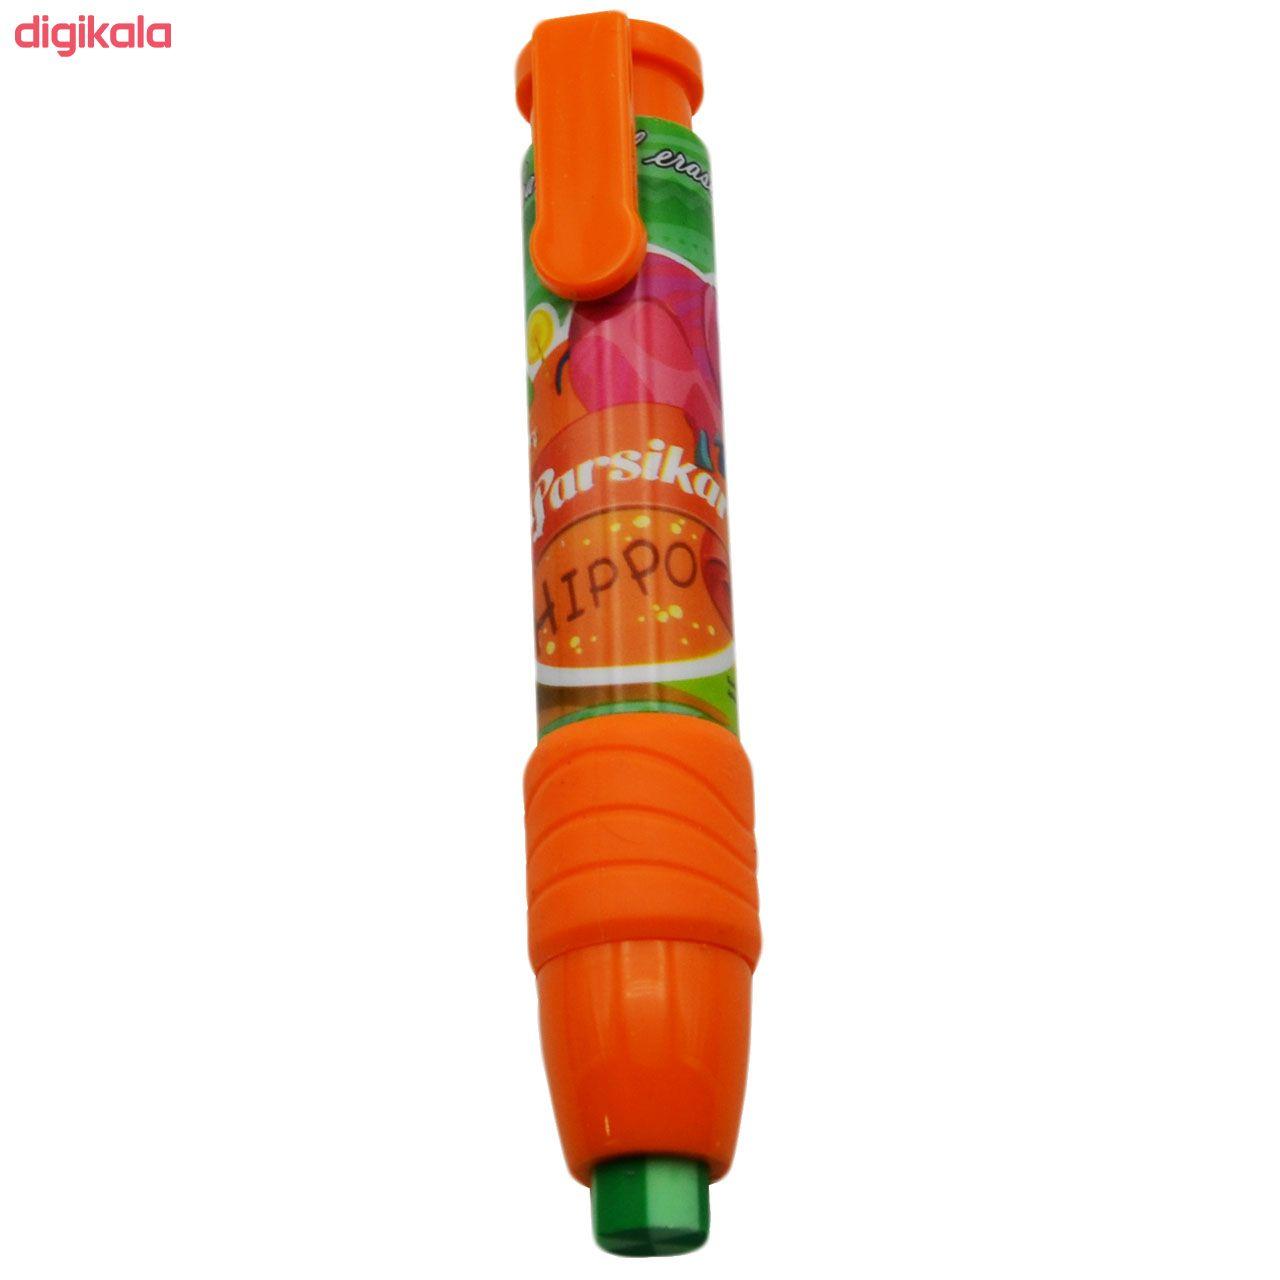 پاک کن مدادی پارسیکار کد 4001 main 1 6